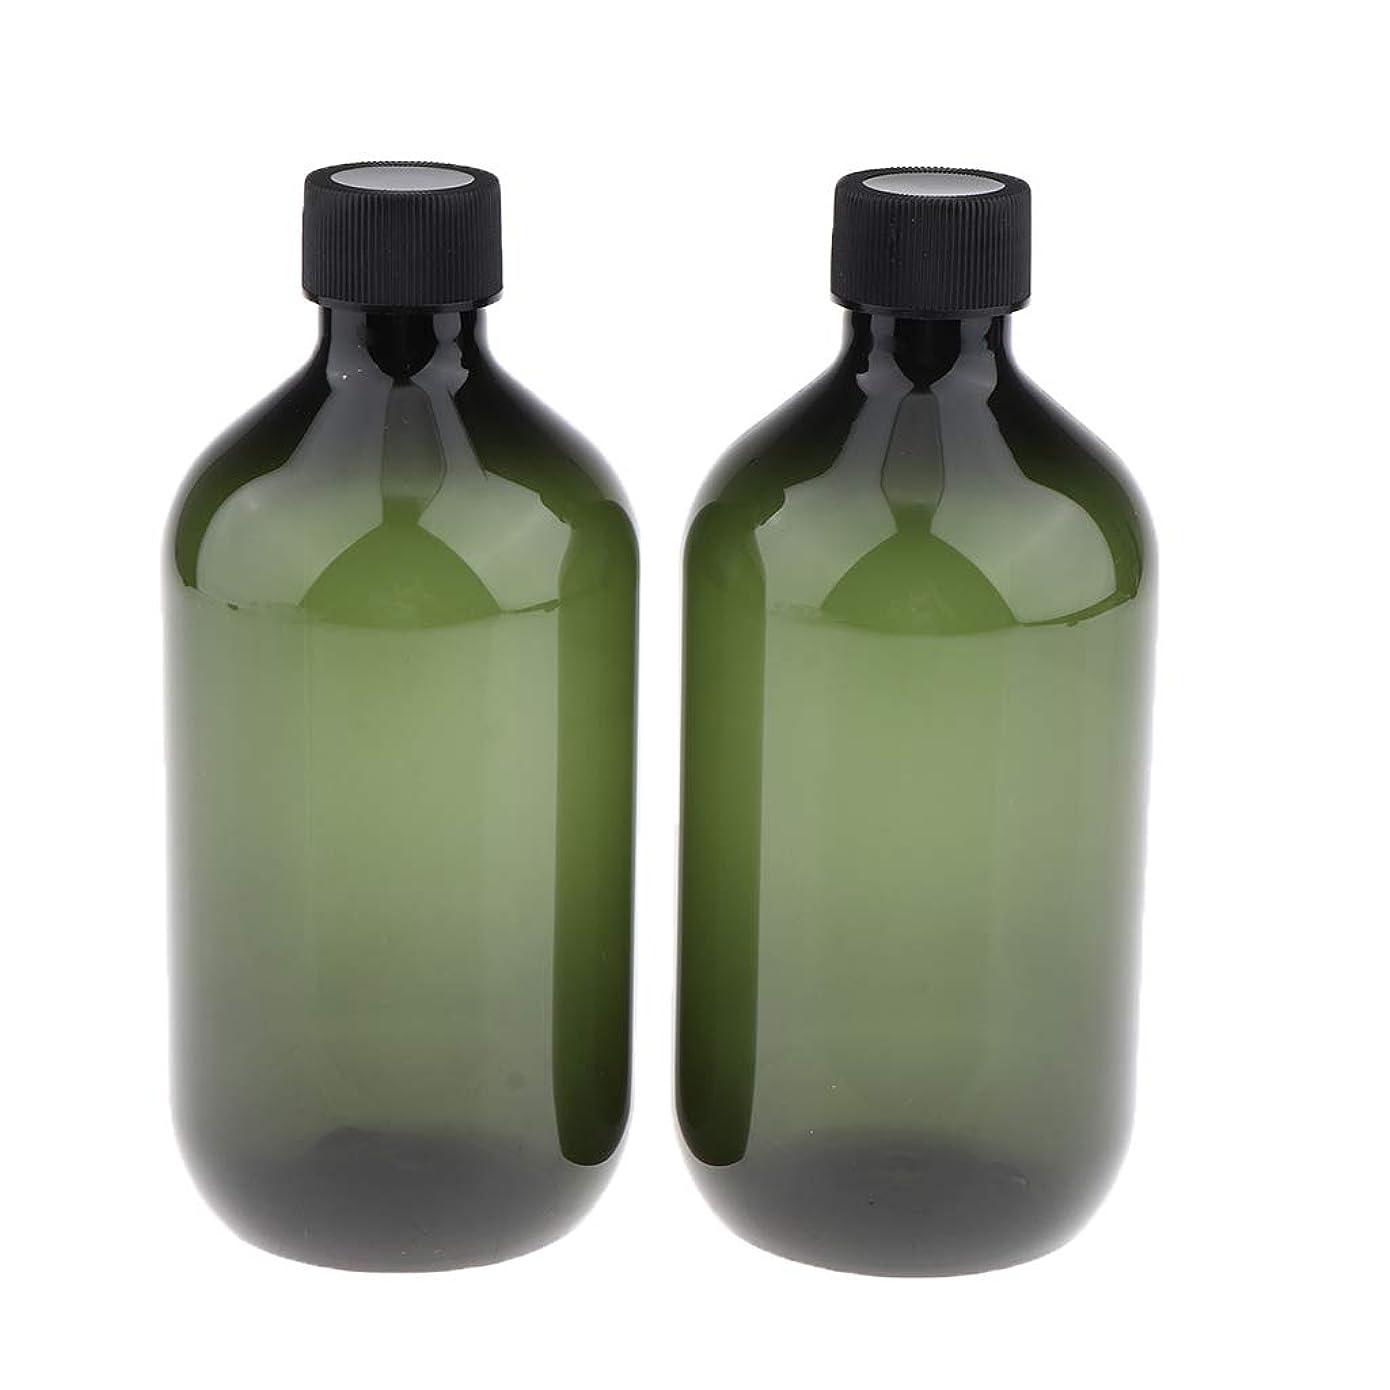 パケットケーキレキシコンP Prettyia ディスペンサー 空ボトル 遮光瓶 PPプラスチック 大容量 洗剤用 500ミリリットル 全2色 - ピクルスグリーン